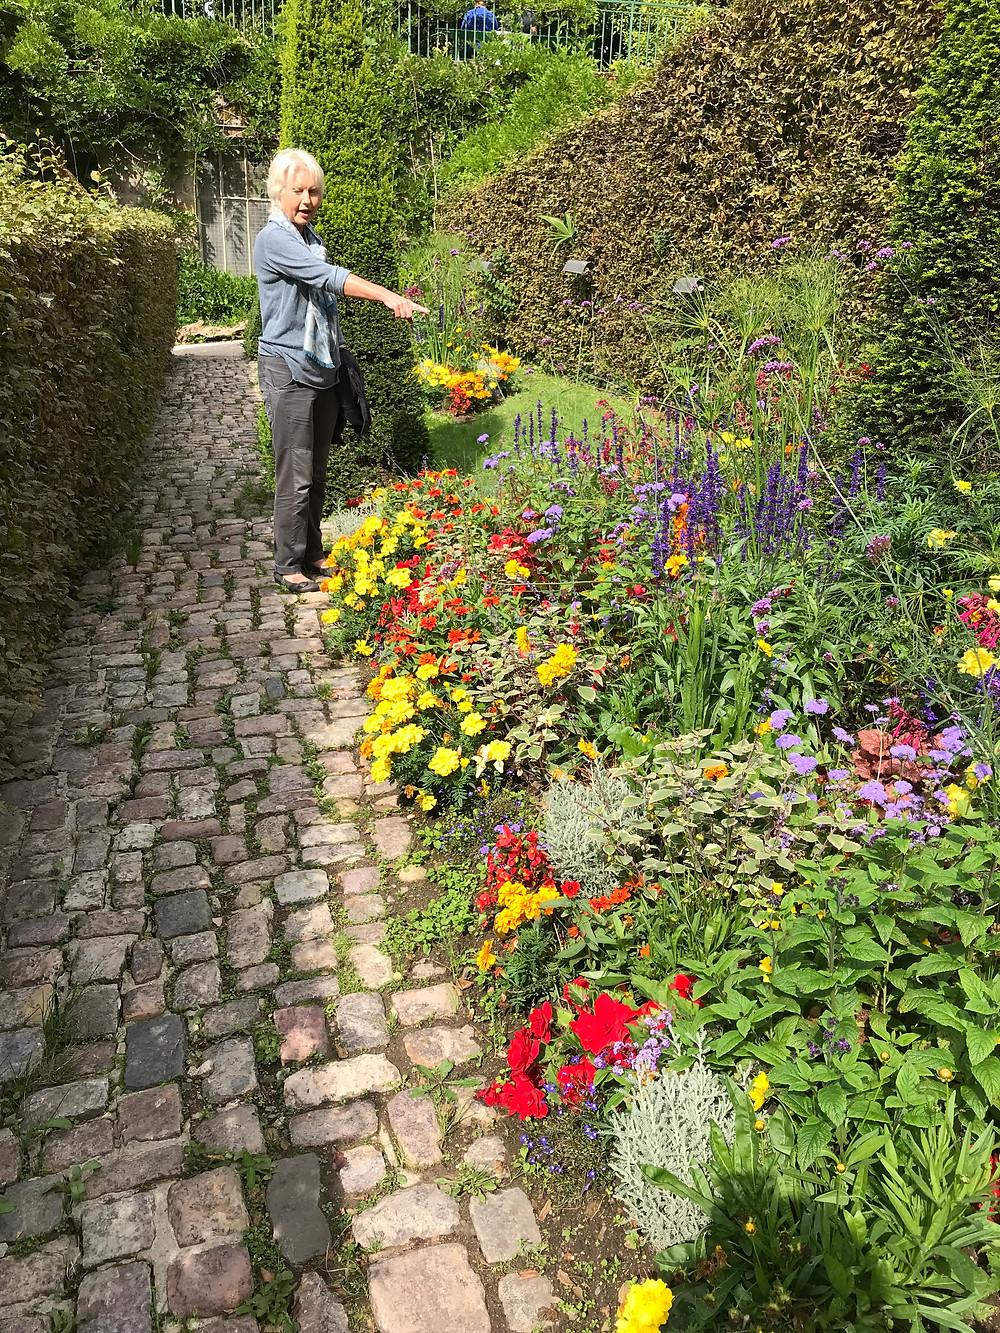 Jardines des plantes, Coutances